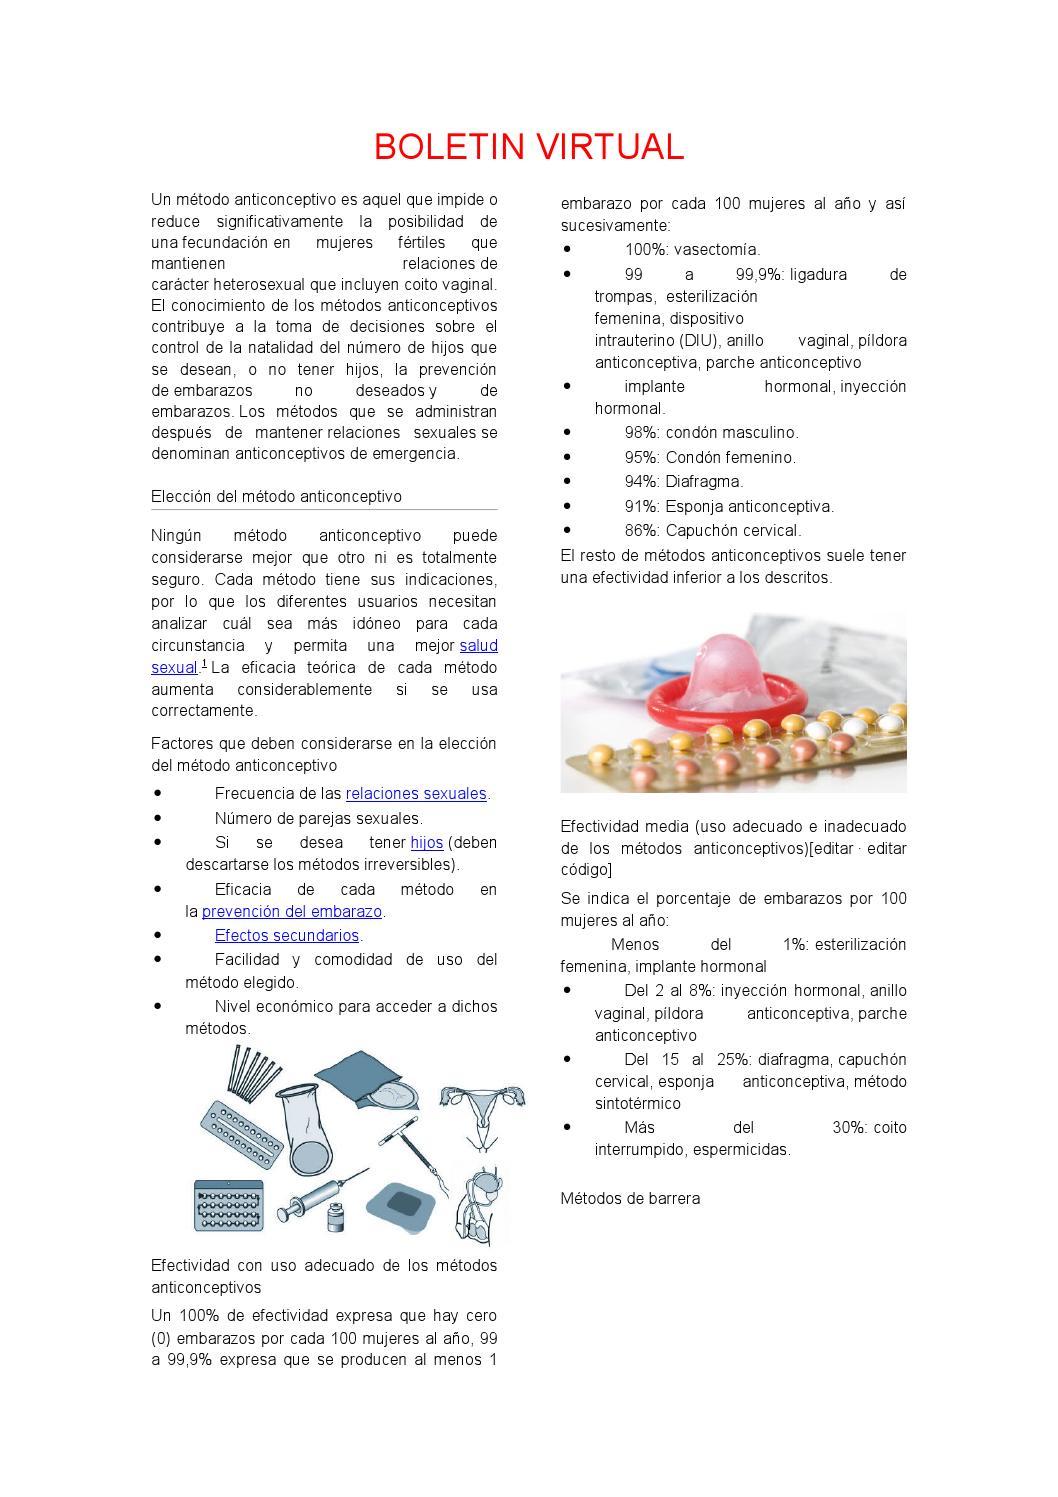 indicaciones y contraindicaciones de los espermicidas